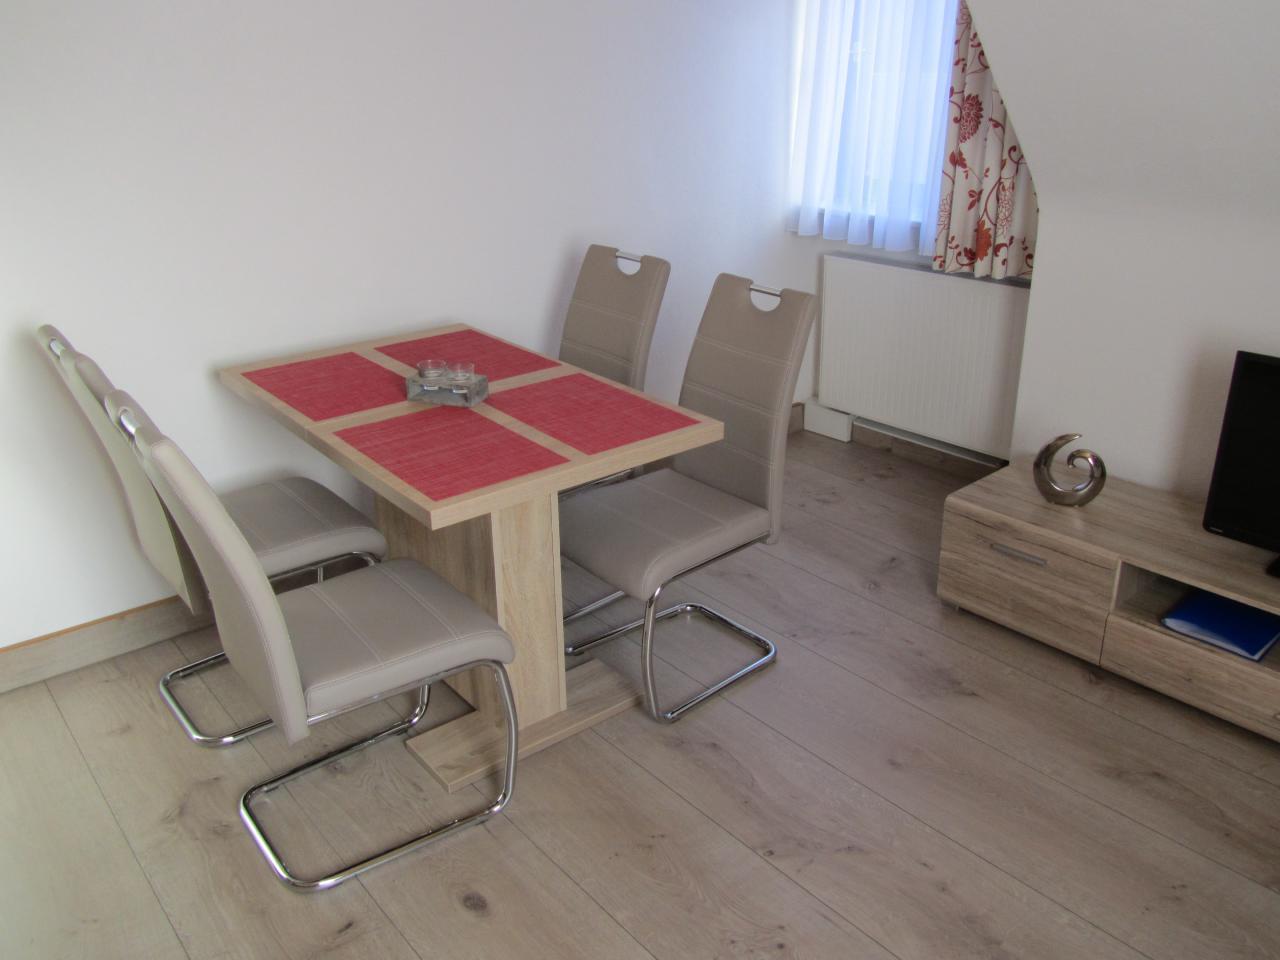 Ferienwohnung Appartementhaus Wiesengrund -Fewo3 (402594), Baiersbronn, Schwarzwald, Baden-Württemberg, Deutschland, Bild 5